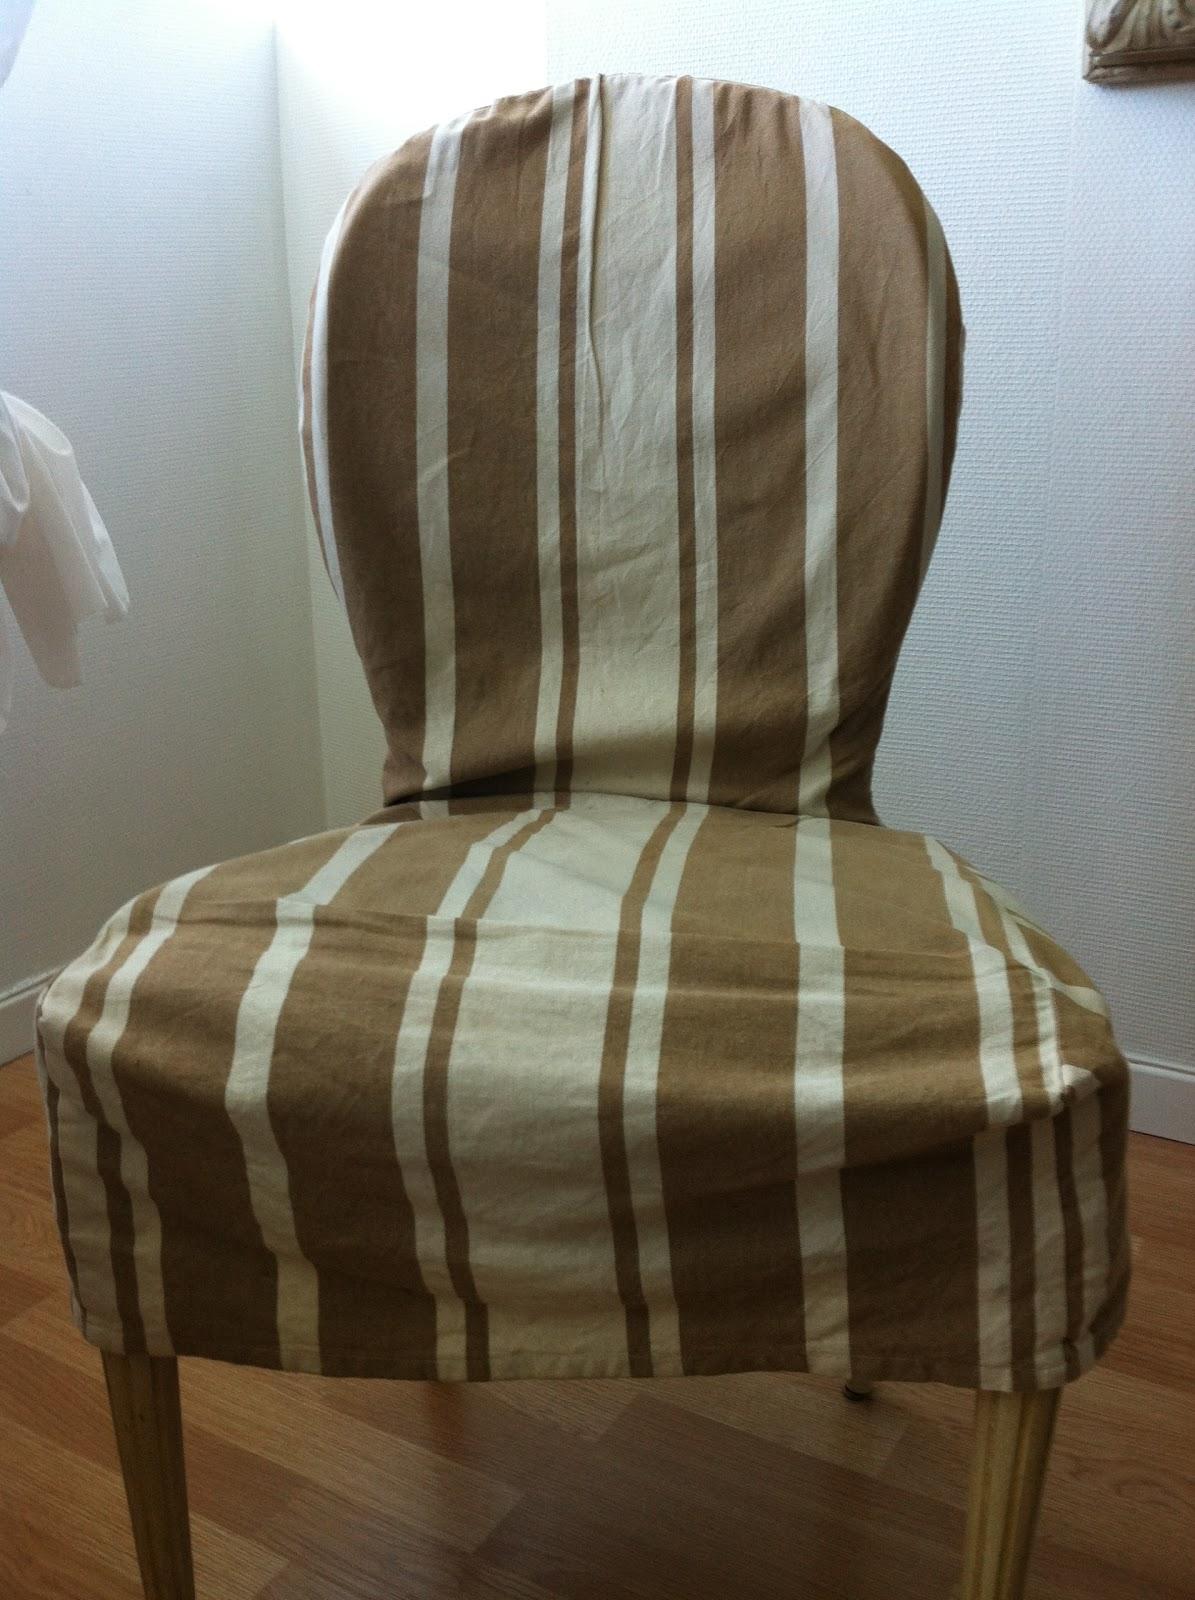 patines et aiguilles la fameuse chaise m daillon louis xvi. Black Bedroom Furniture Sets. Home Design Ideas